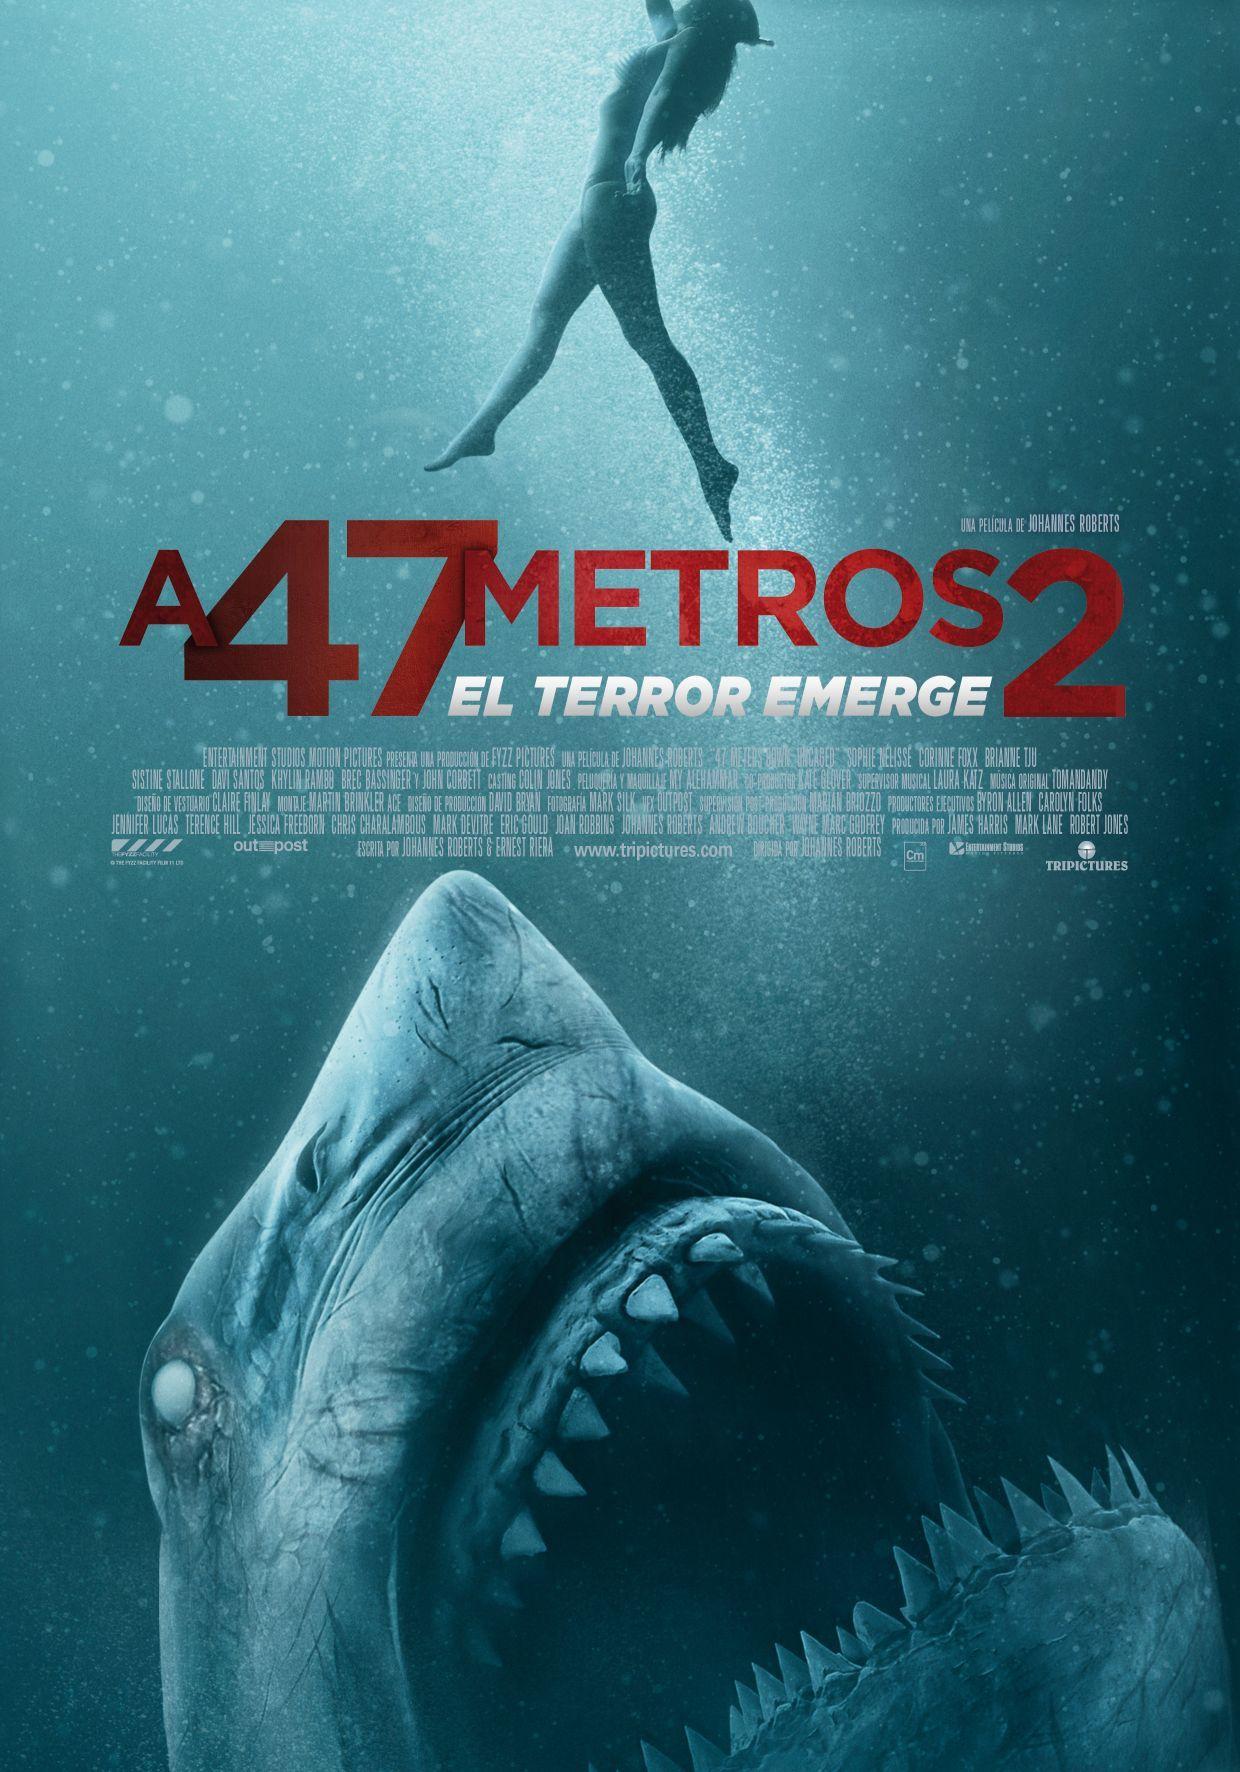 Cartel de A 47 metros 2: El terror emerge